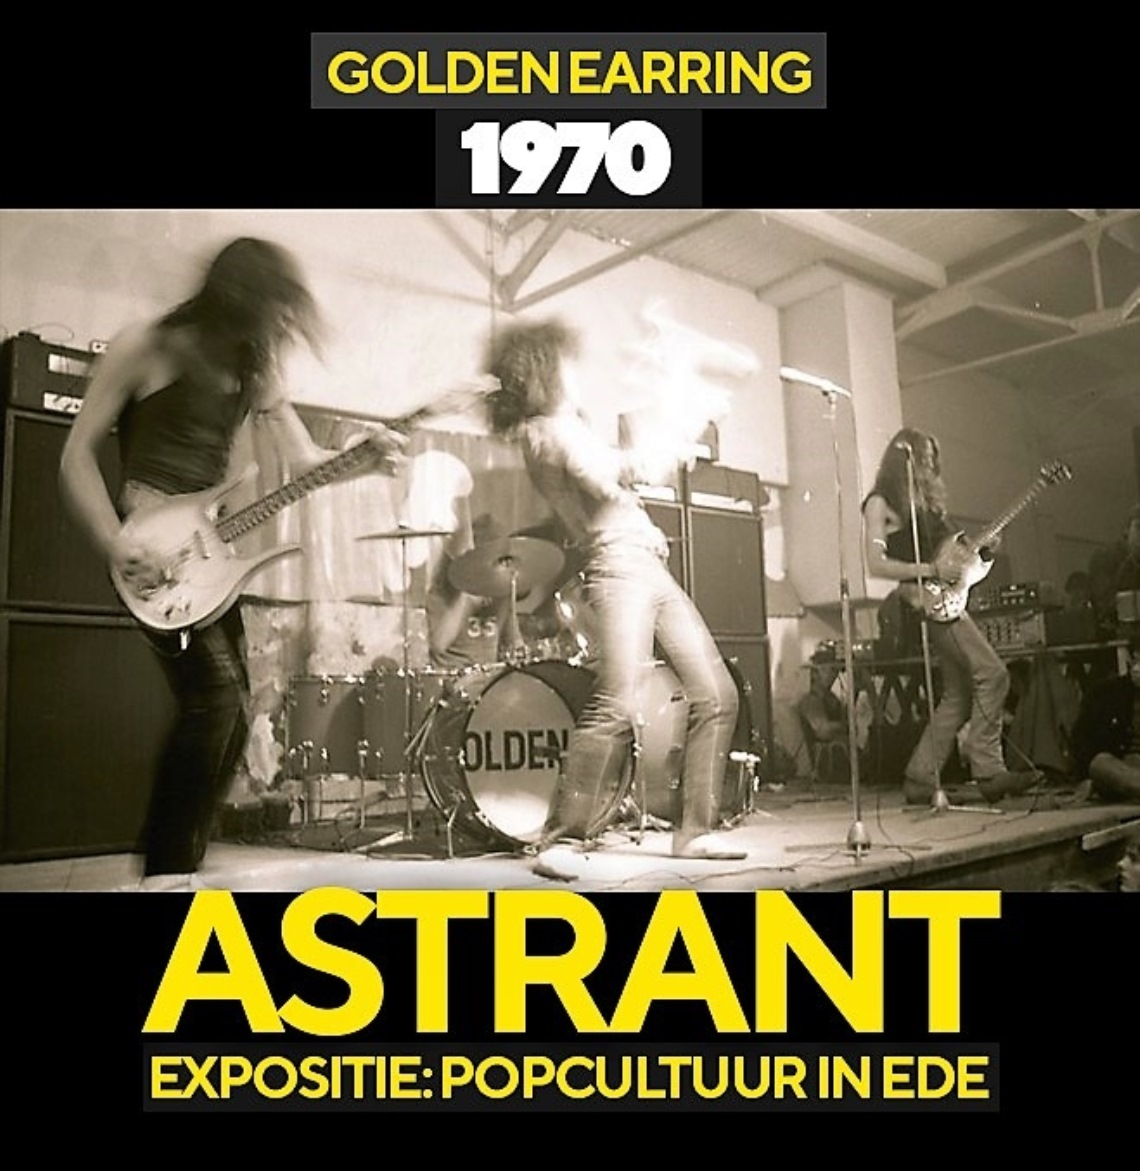 Collectie Astrant